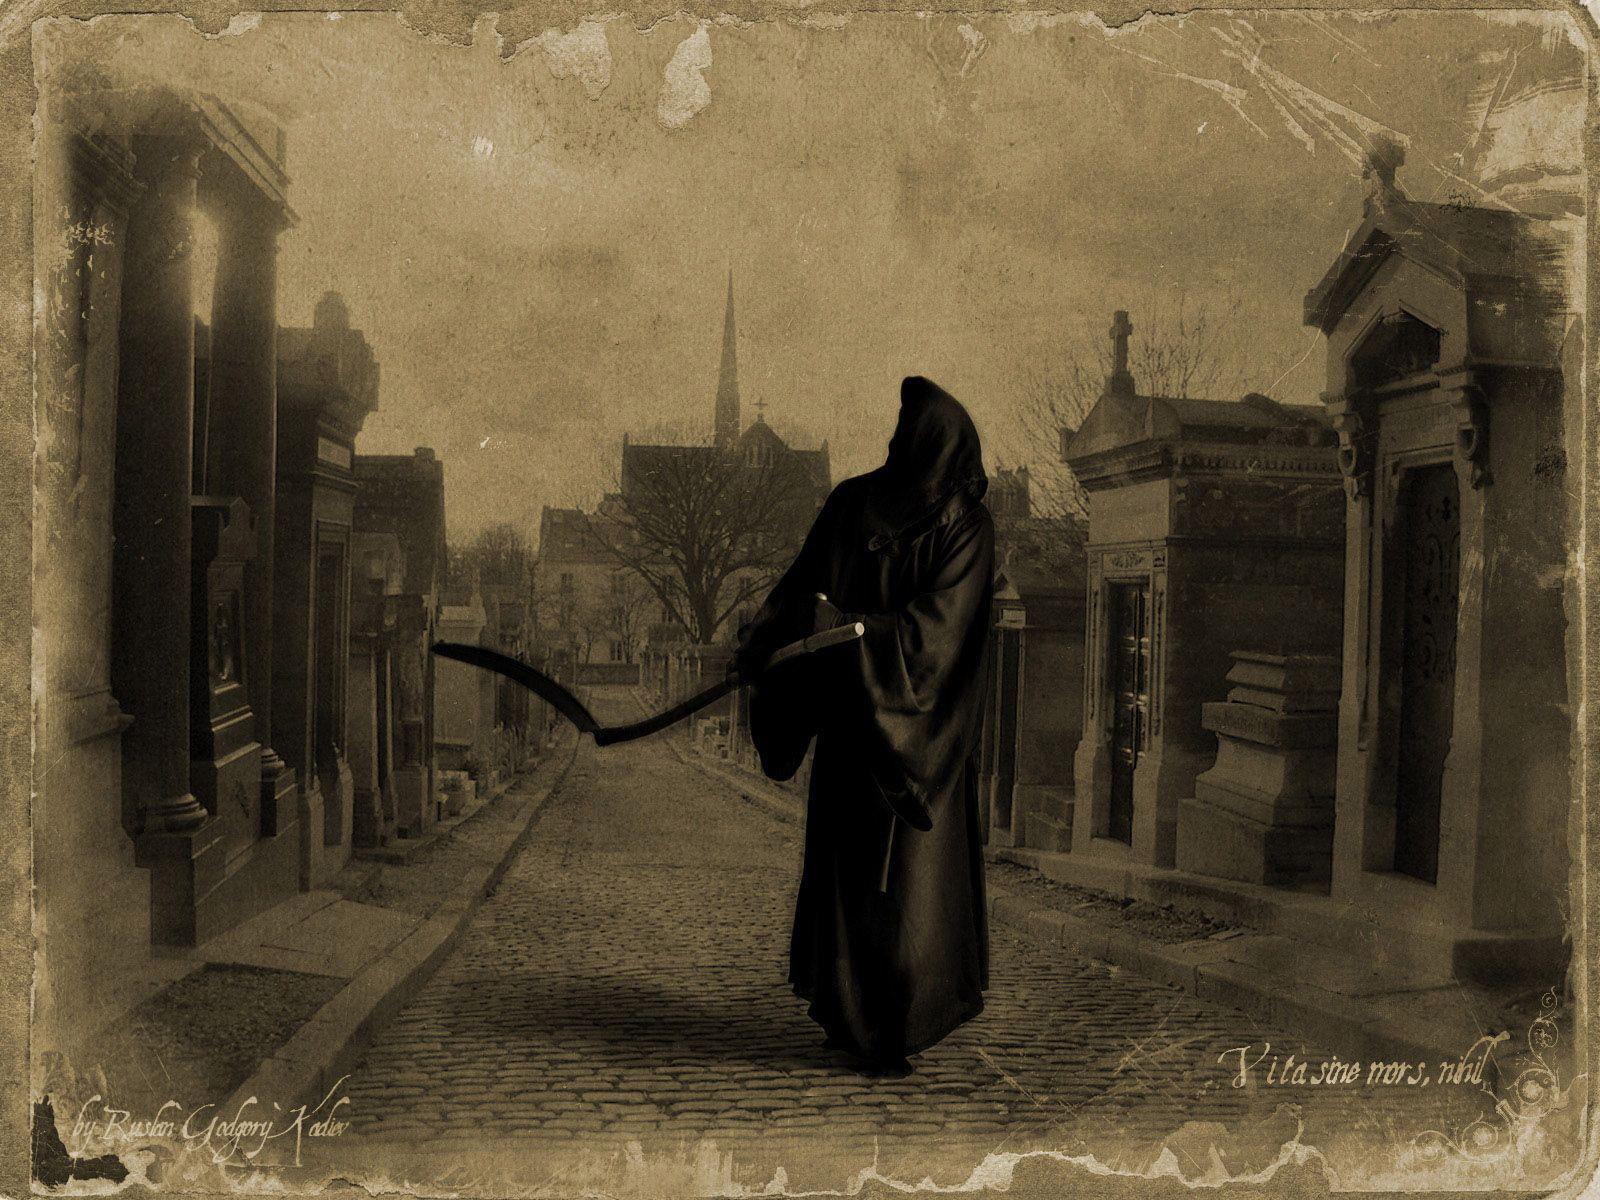 Фото картинок смерть с косой 9 фотография